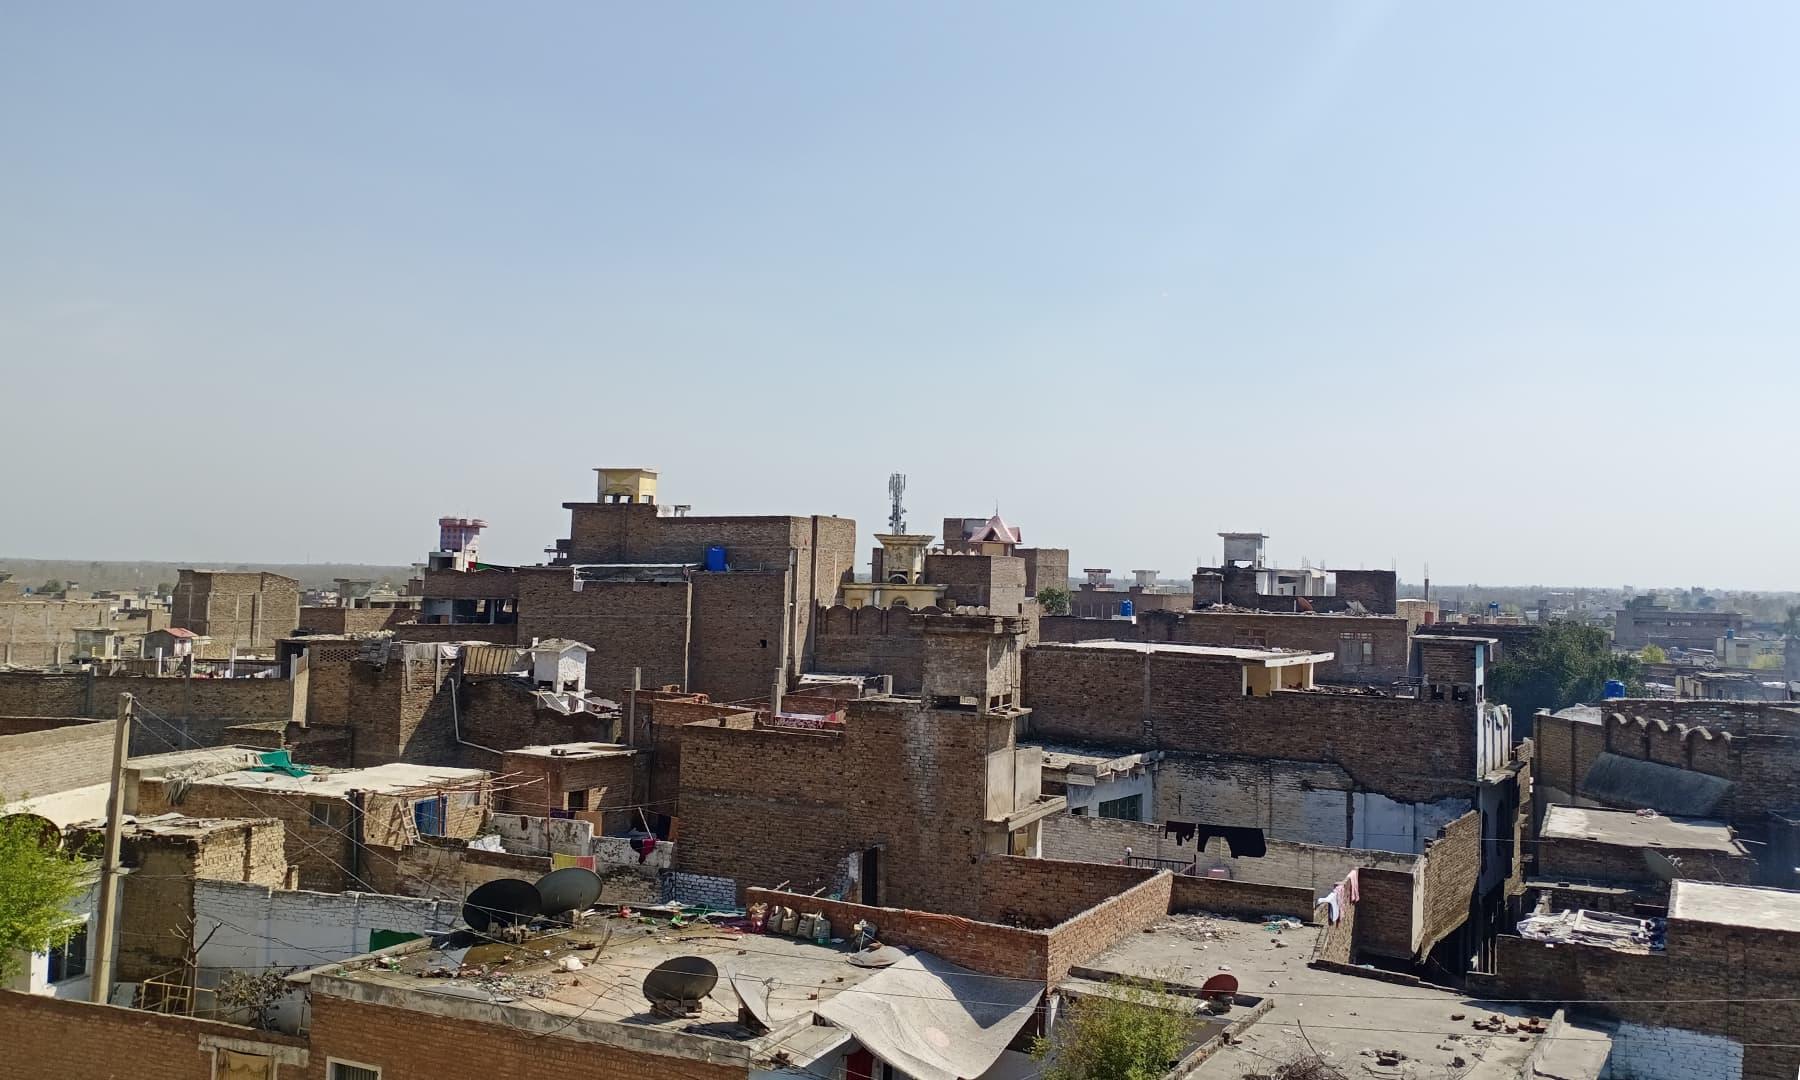 مہمند ایجنسی، باجوڑ اور افغانستاں کے قریب ہو نے کی وجہ سے شبقدر اہم تجارتی مرکز کی حیثیت بھی رکھتا ہے— عظمت اکبر